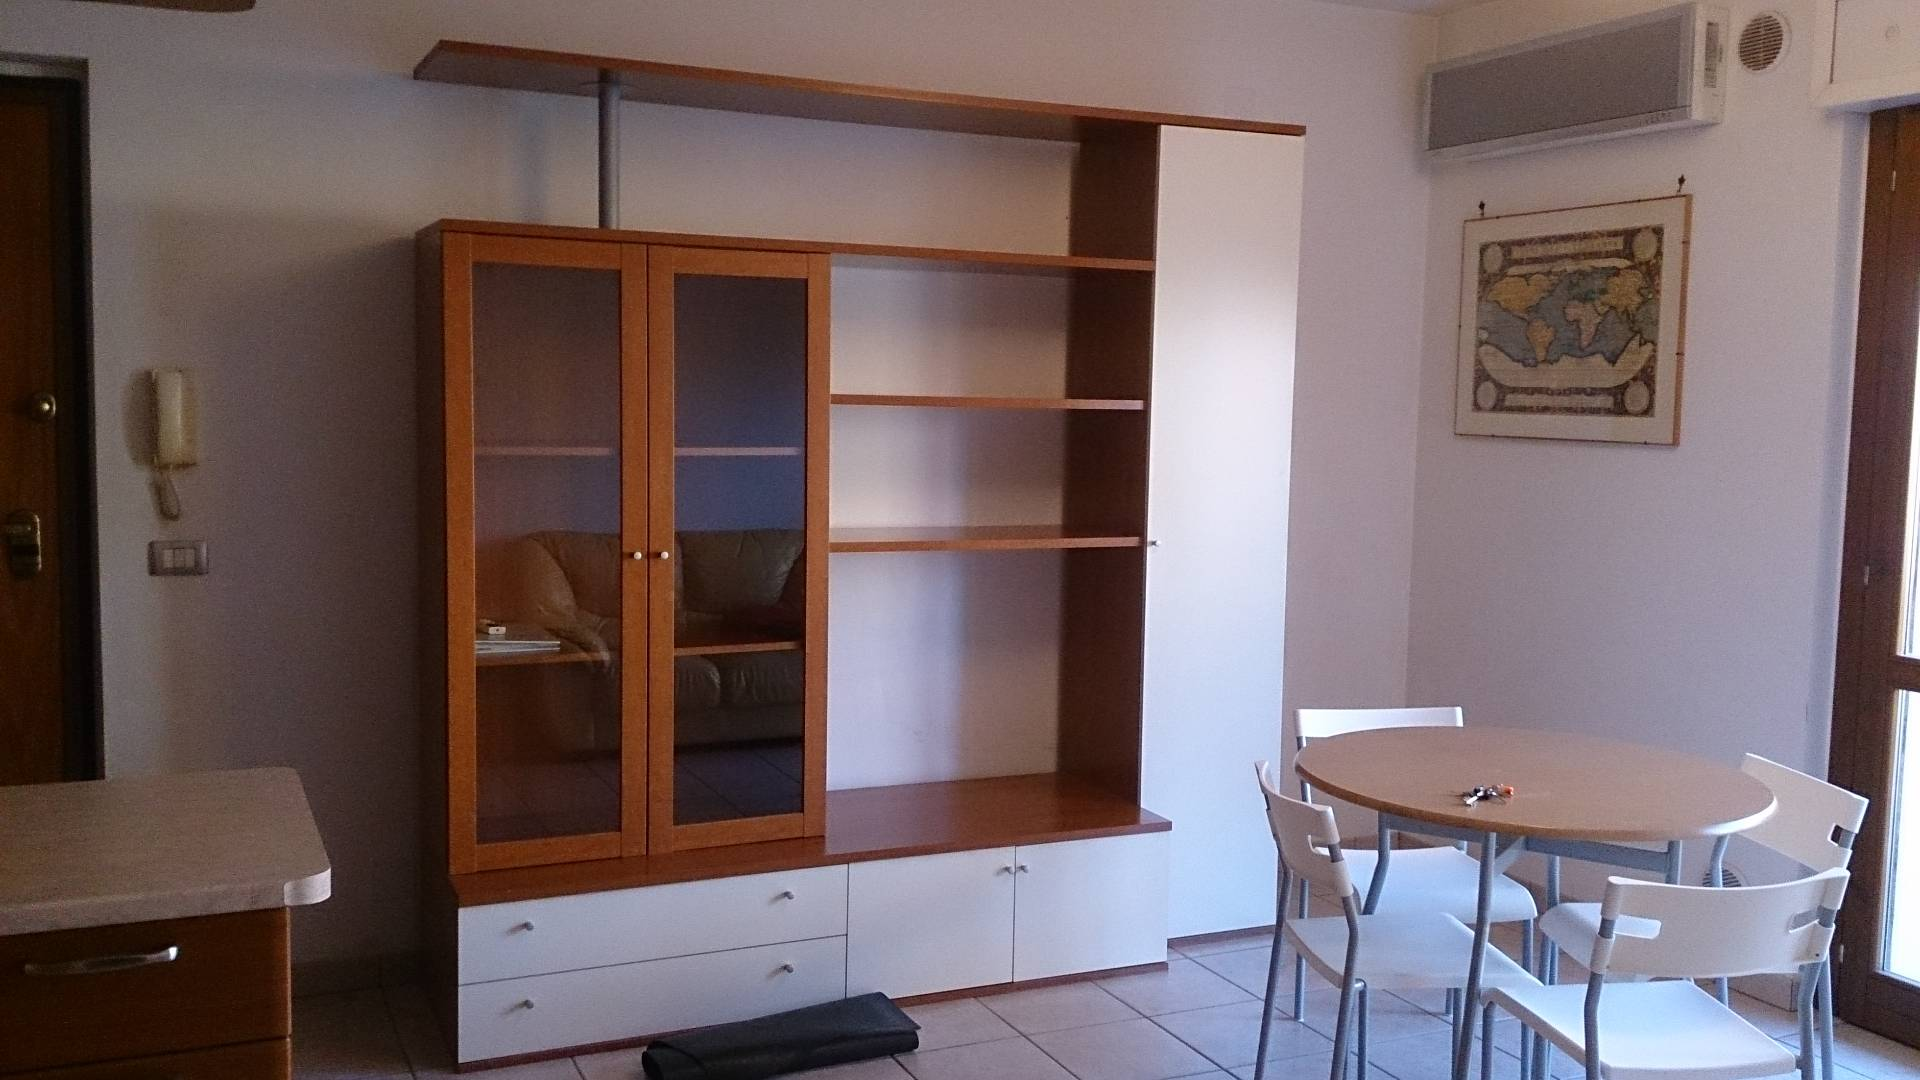 Appartamento in affitto a Chieti, 3 locali, zona Località: Scalo, prezzo € 450 | Cambio Casa.it